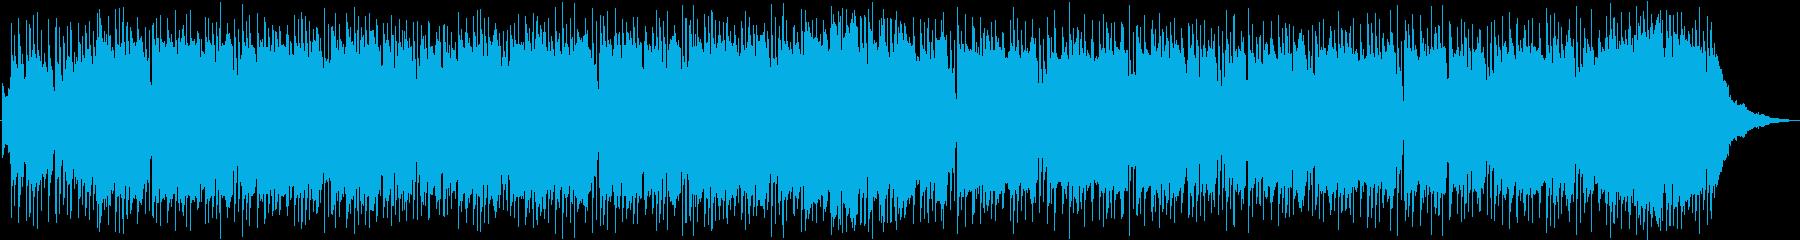 ラヴェルのボレロ レゲエ調アレンジの再生済みの波形